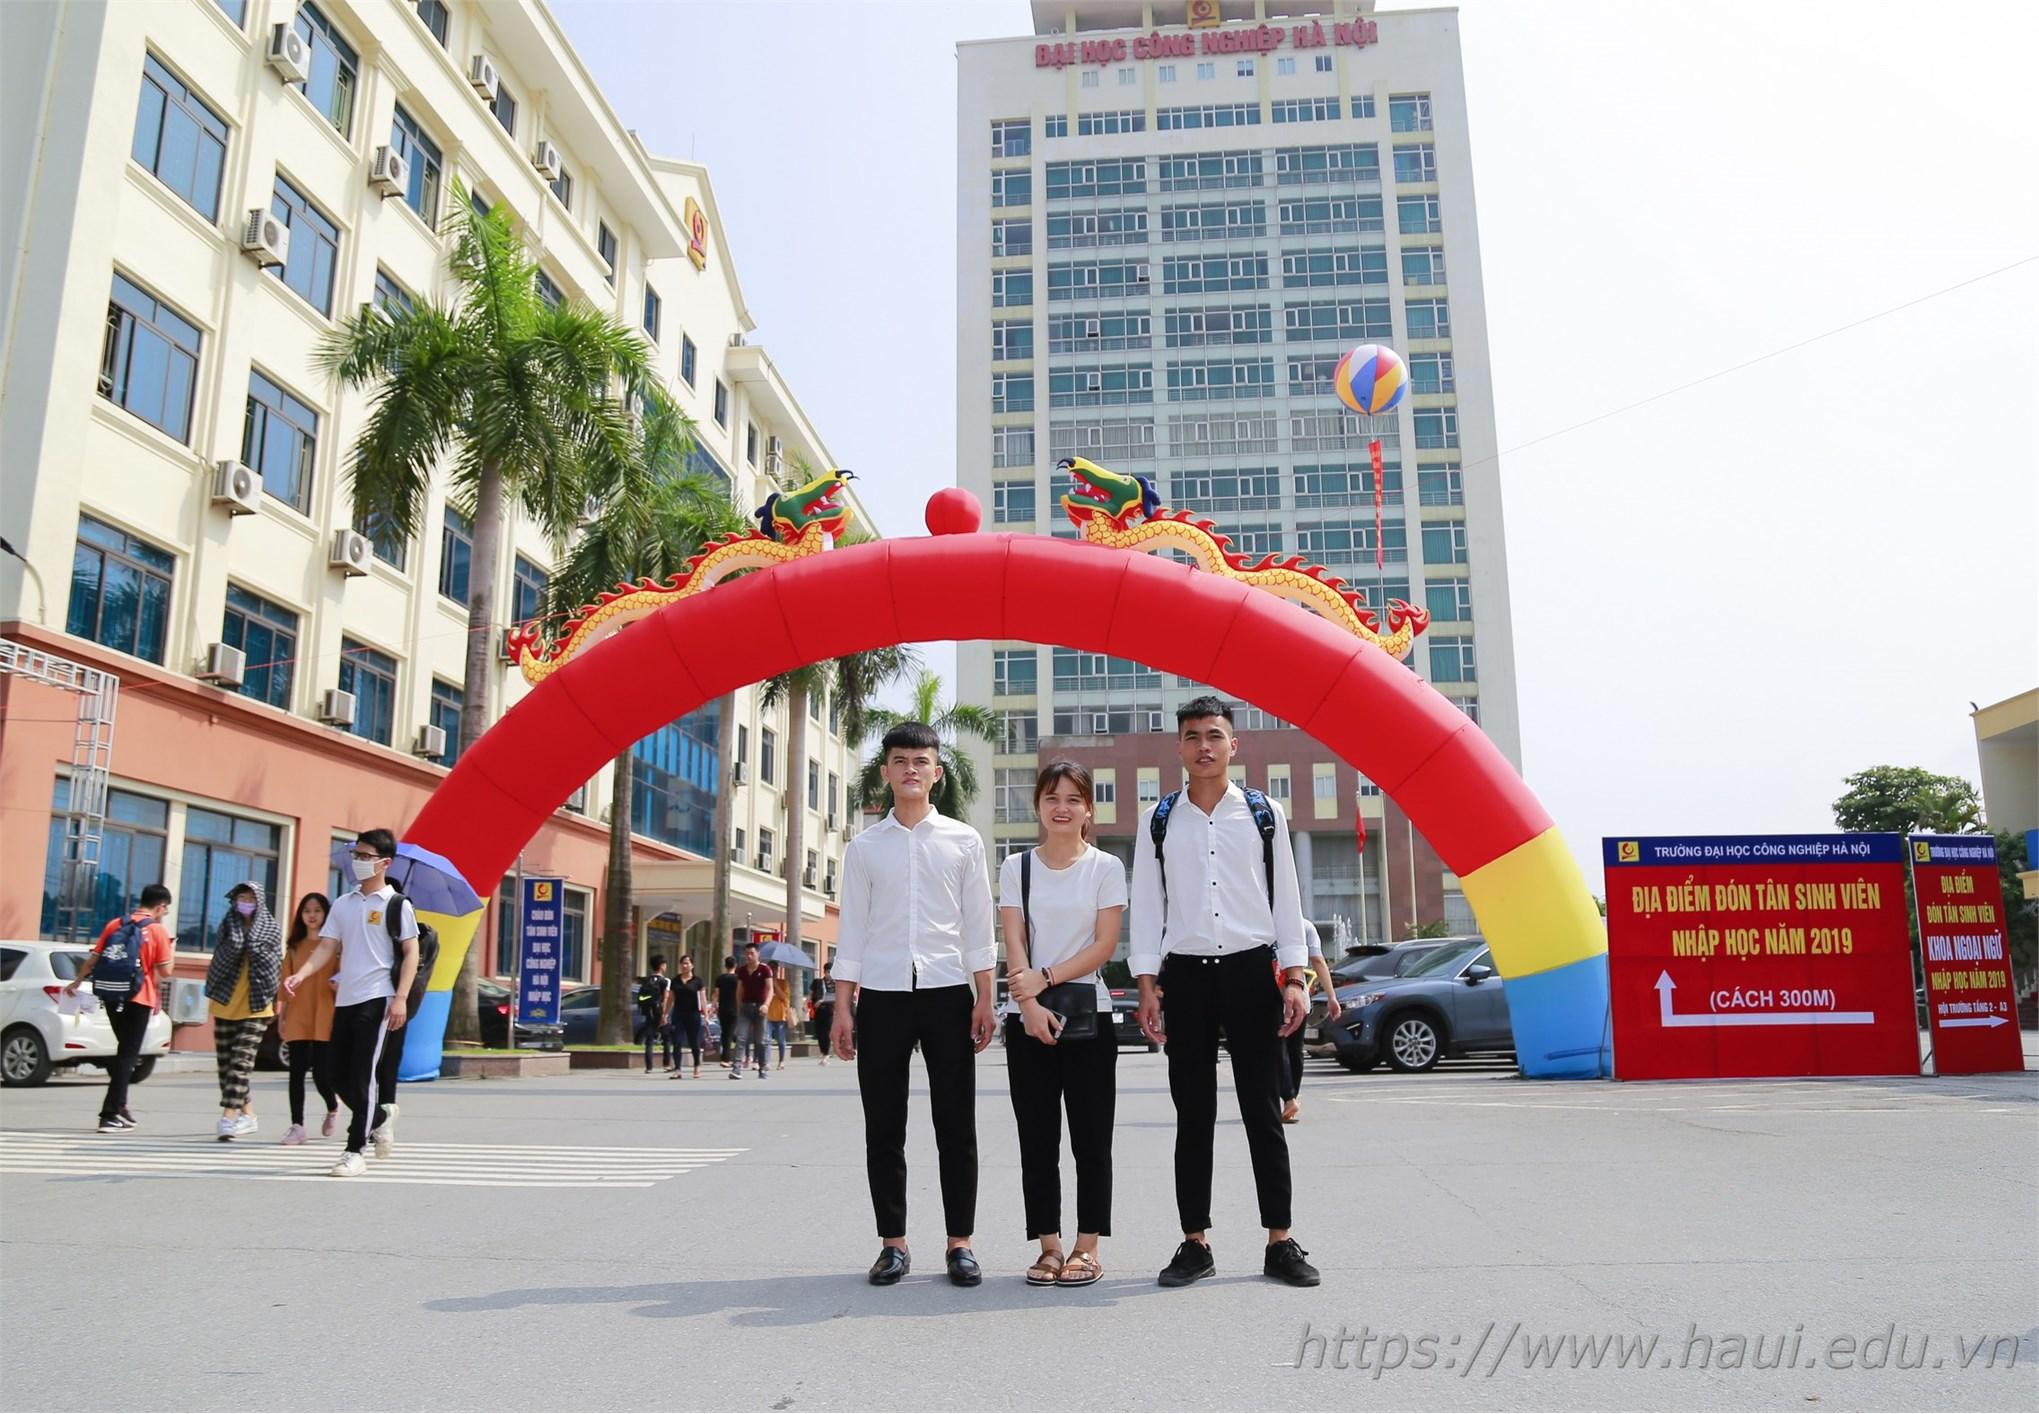 Tân sinh viên Đại học Công nghiệp Hà Nội nhập học năm 2019